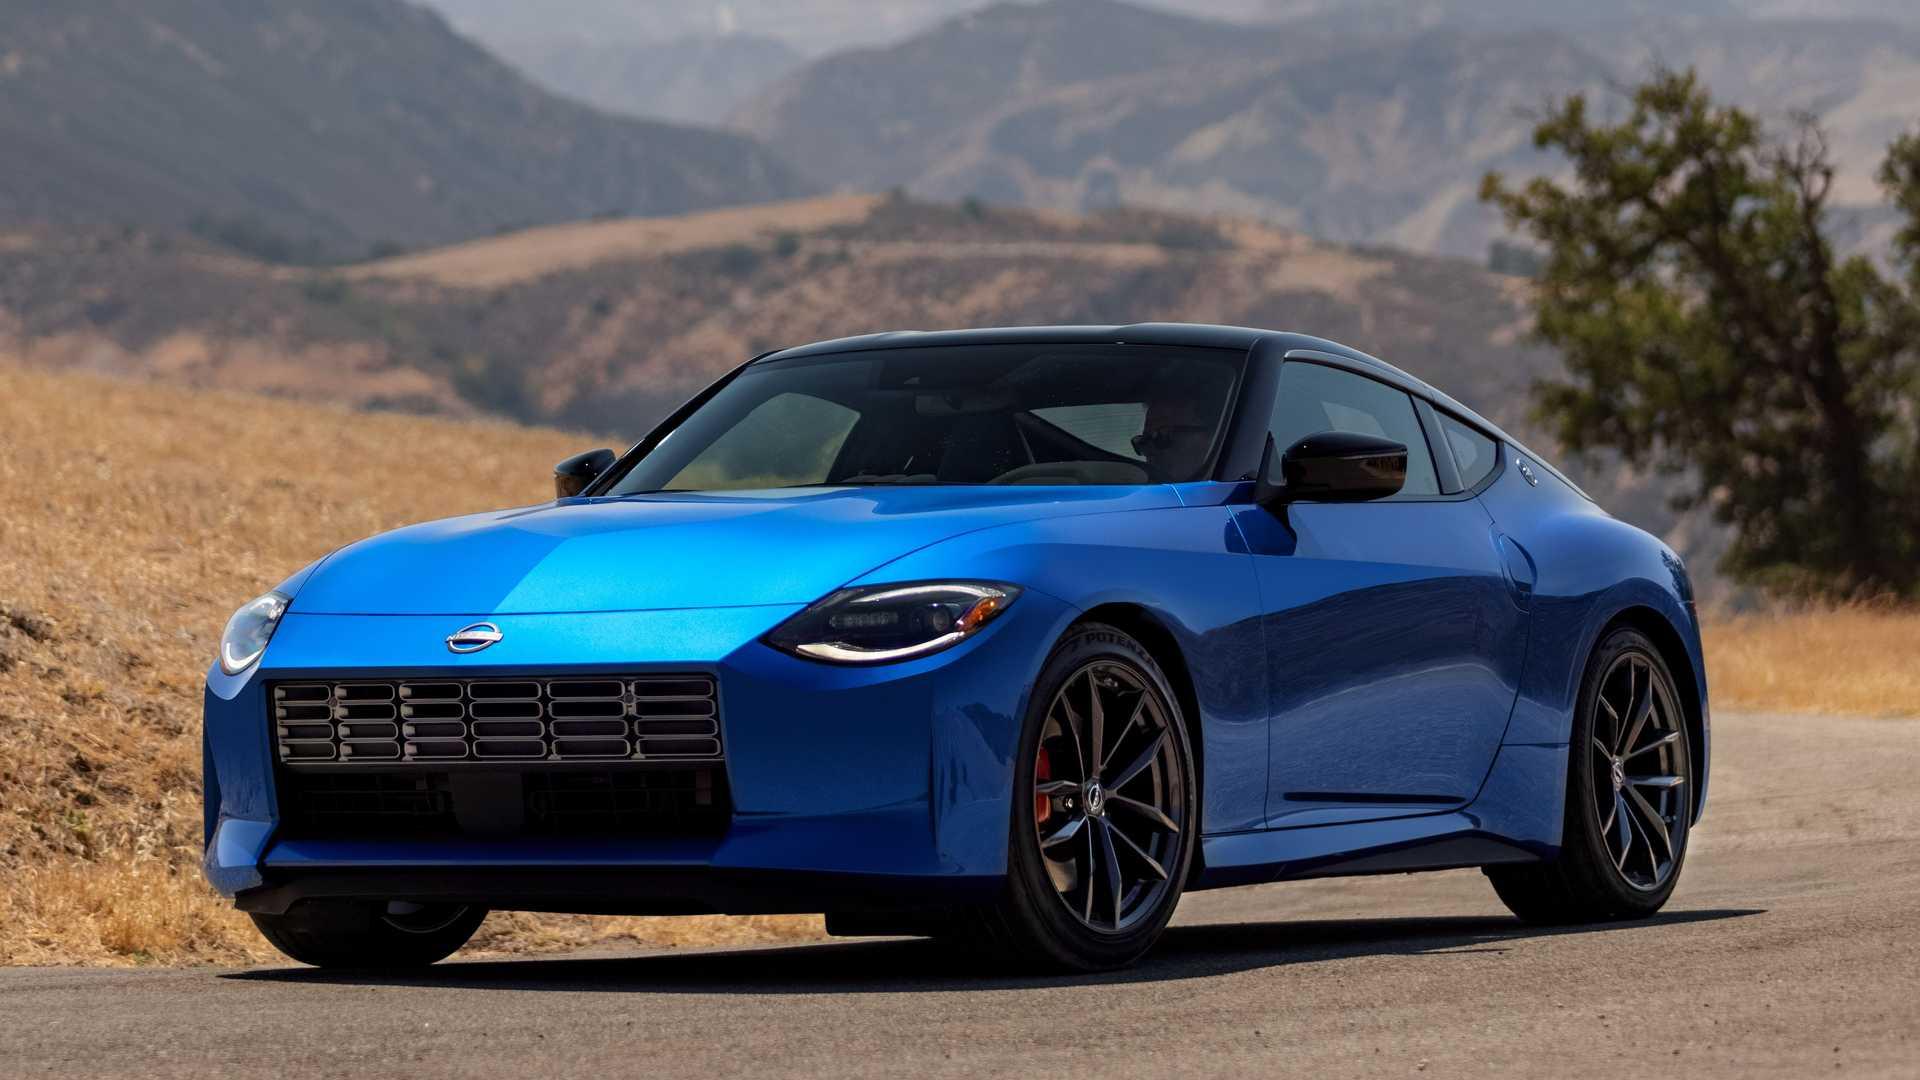 Дизайн Nissan Z 2023 года выбран из 100 предложений, представленных по всему миру